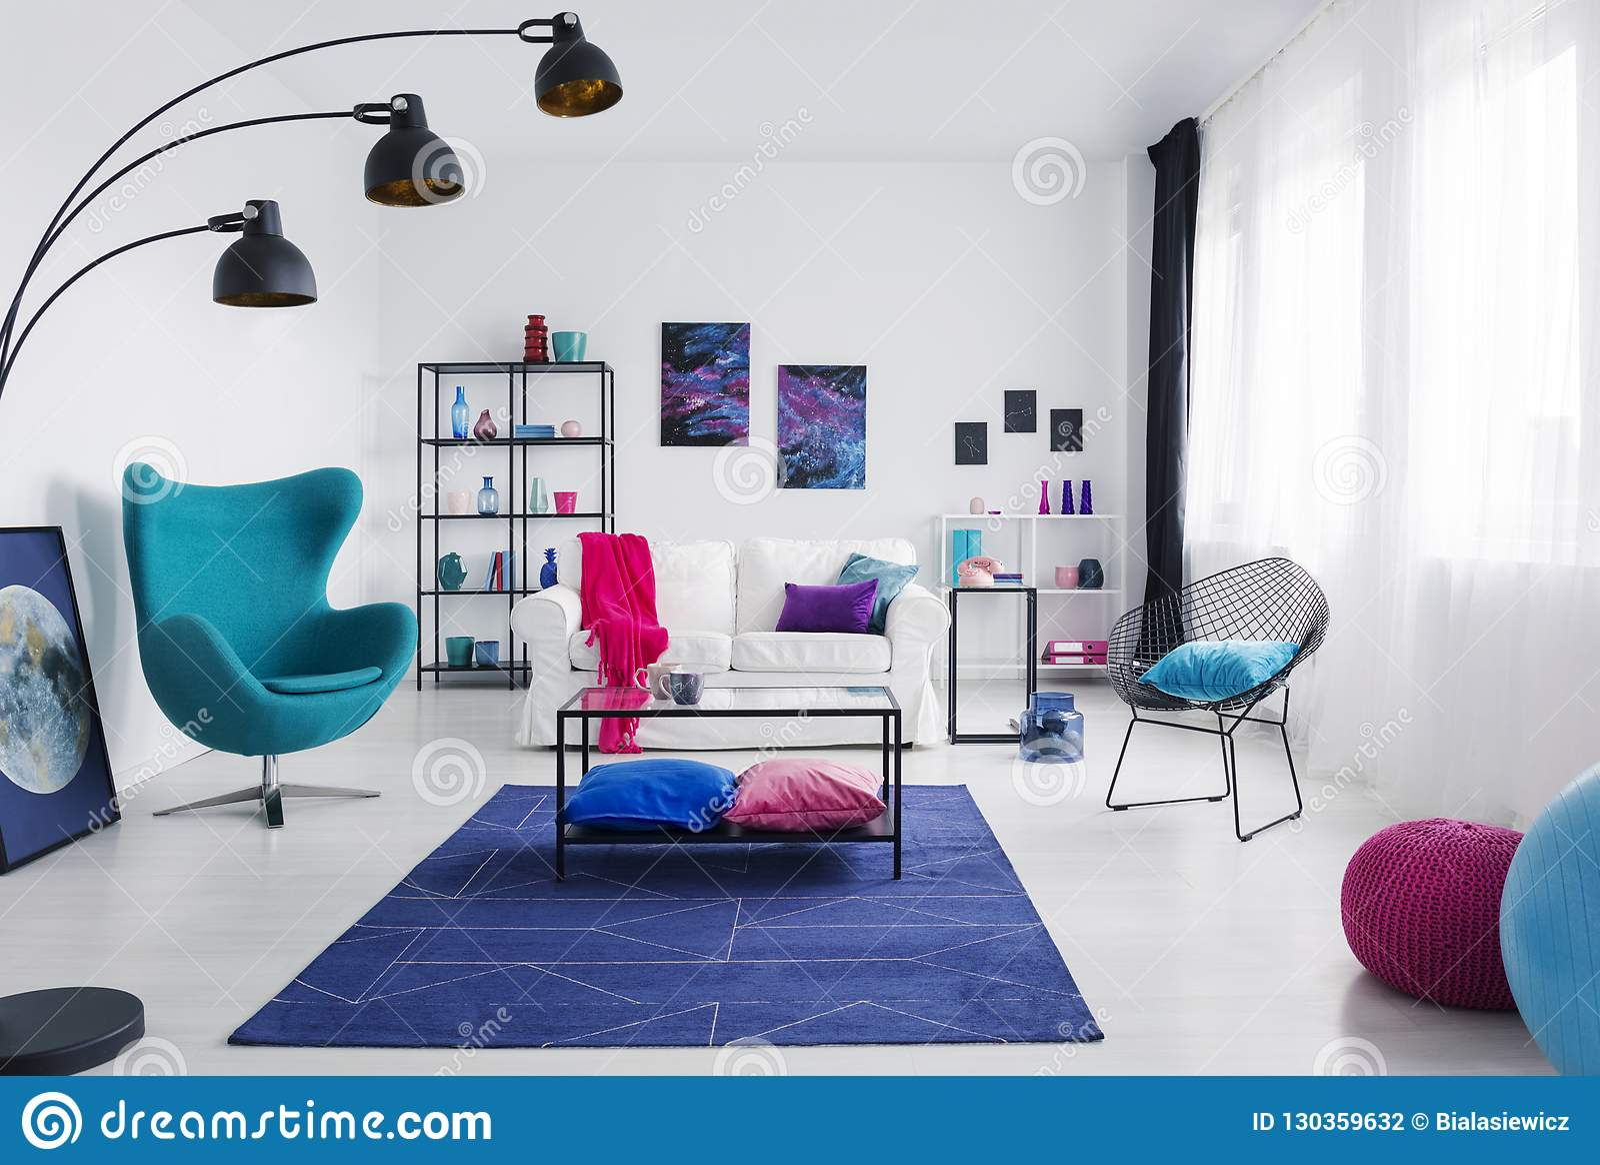 Tableau Sur Le Tapis Bleu C T Du Fauteuil Dans L